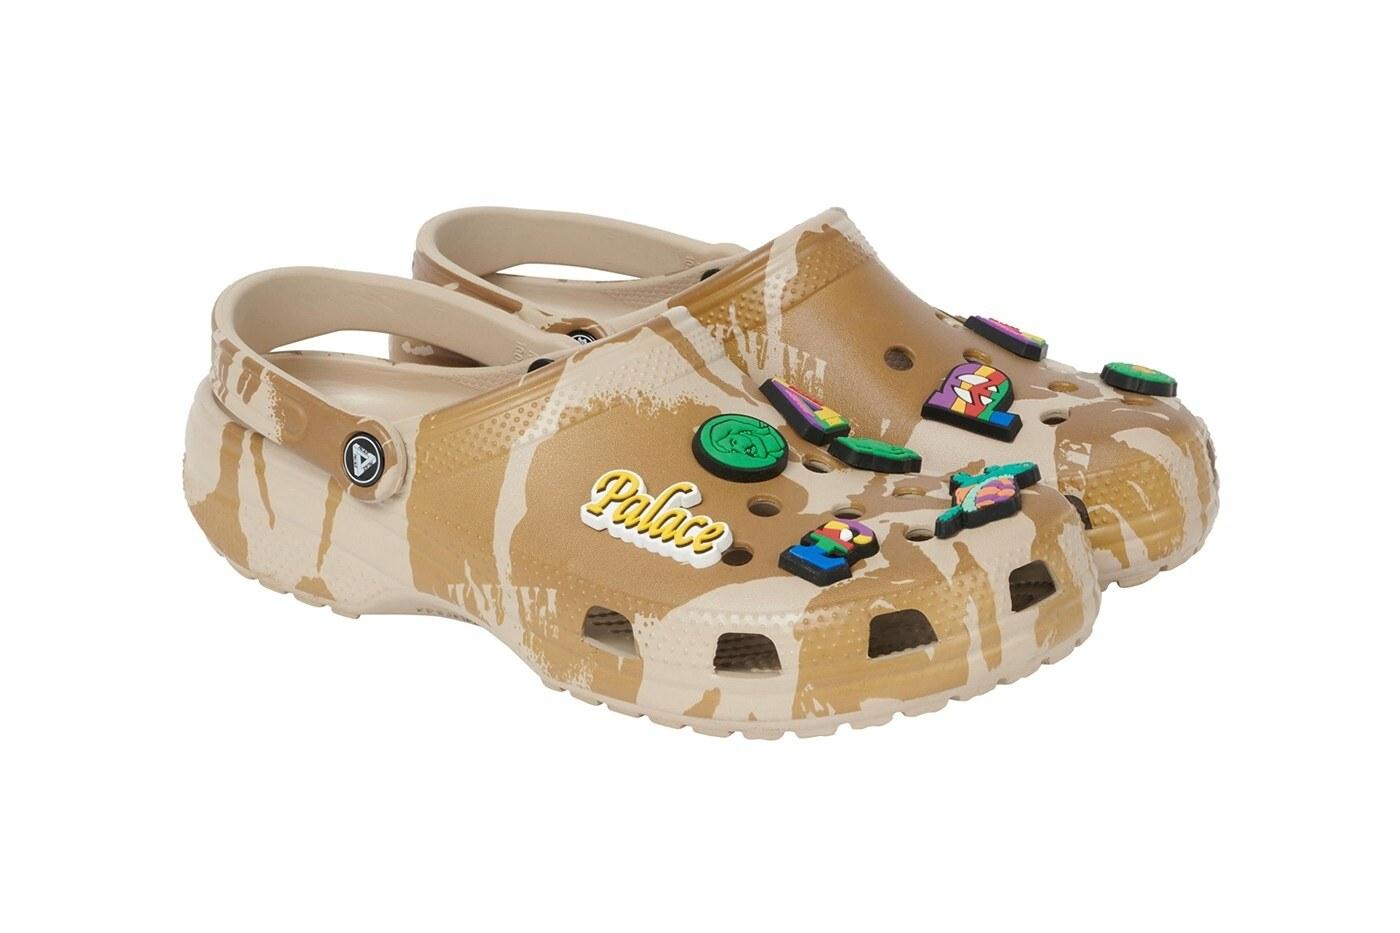 Palace x Crocs clog